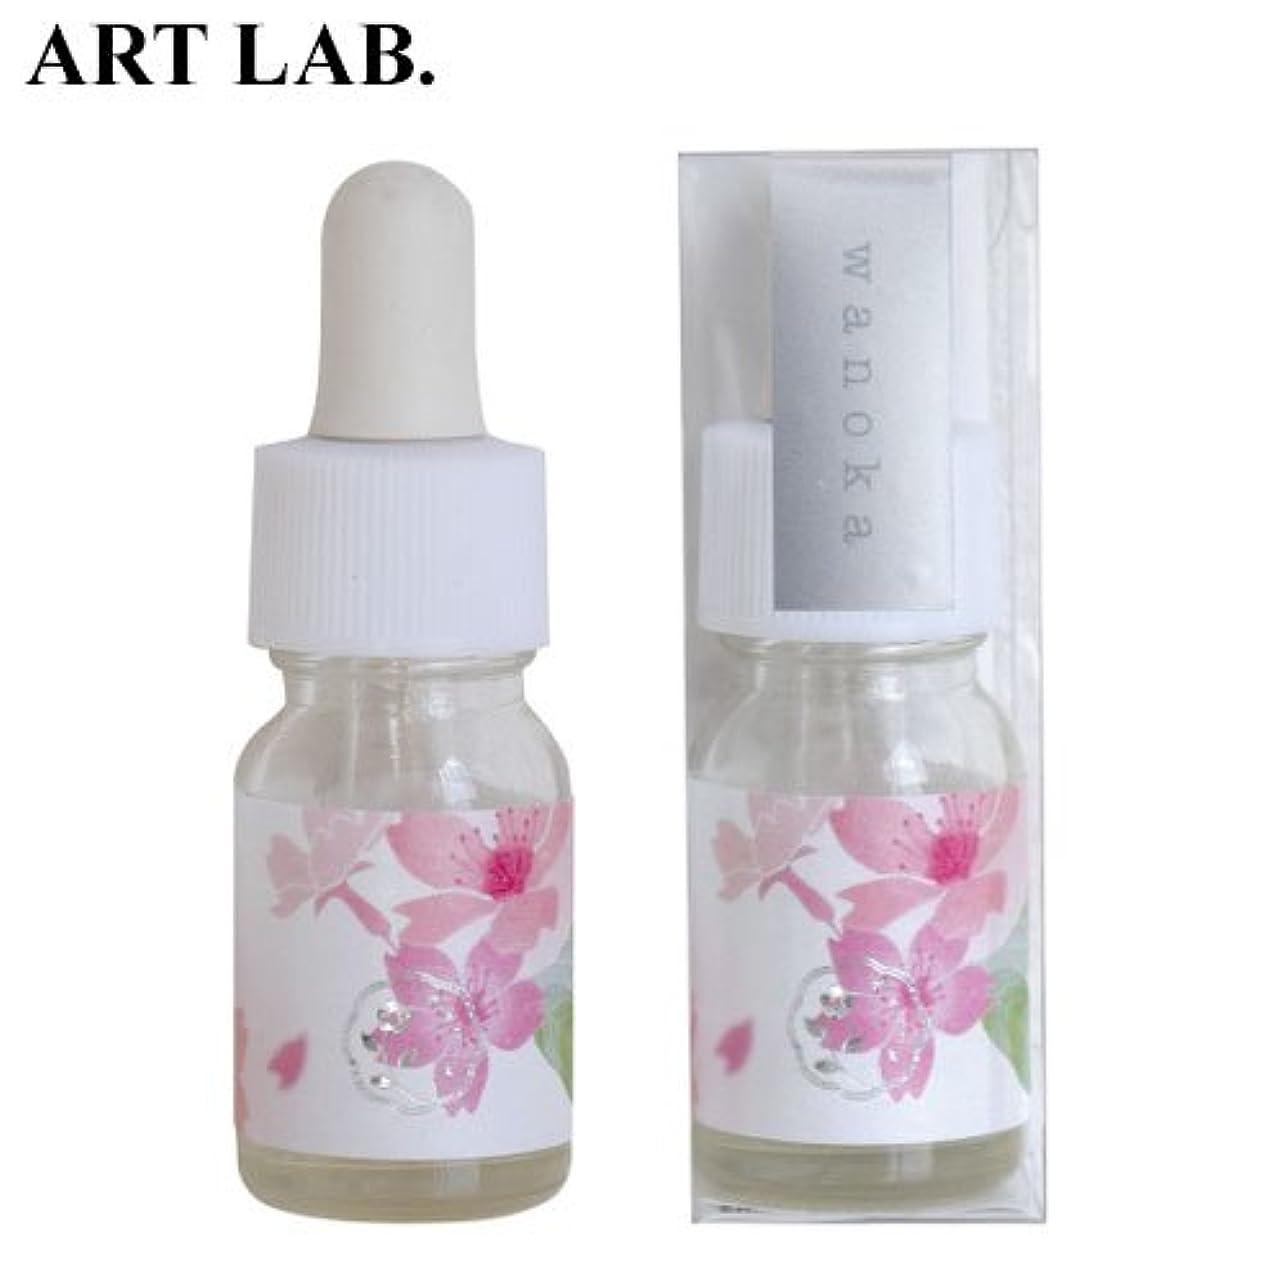 しないでください敵対的開いたwanoka香油アロマオイル桜《桜をイメージした甘い香り》ART LABAromatic oil